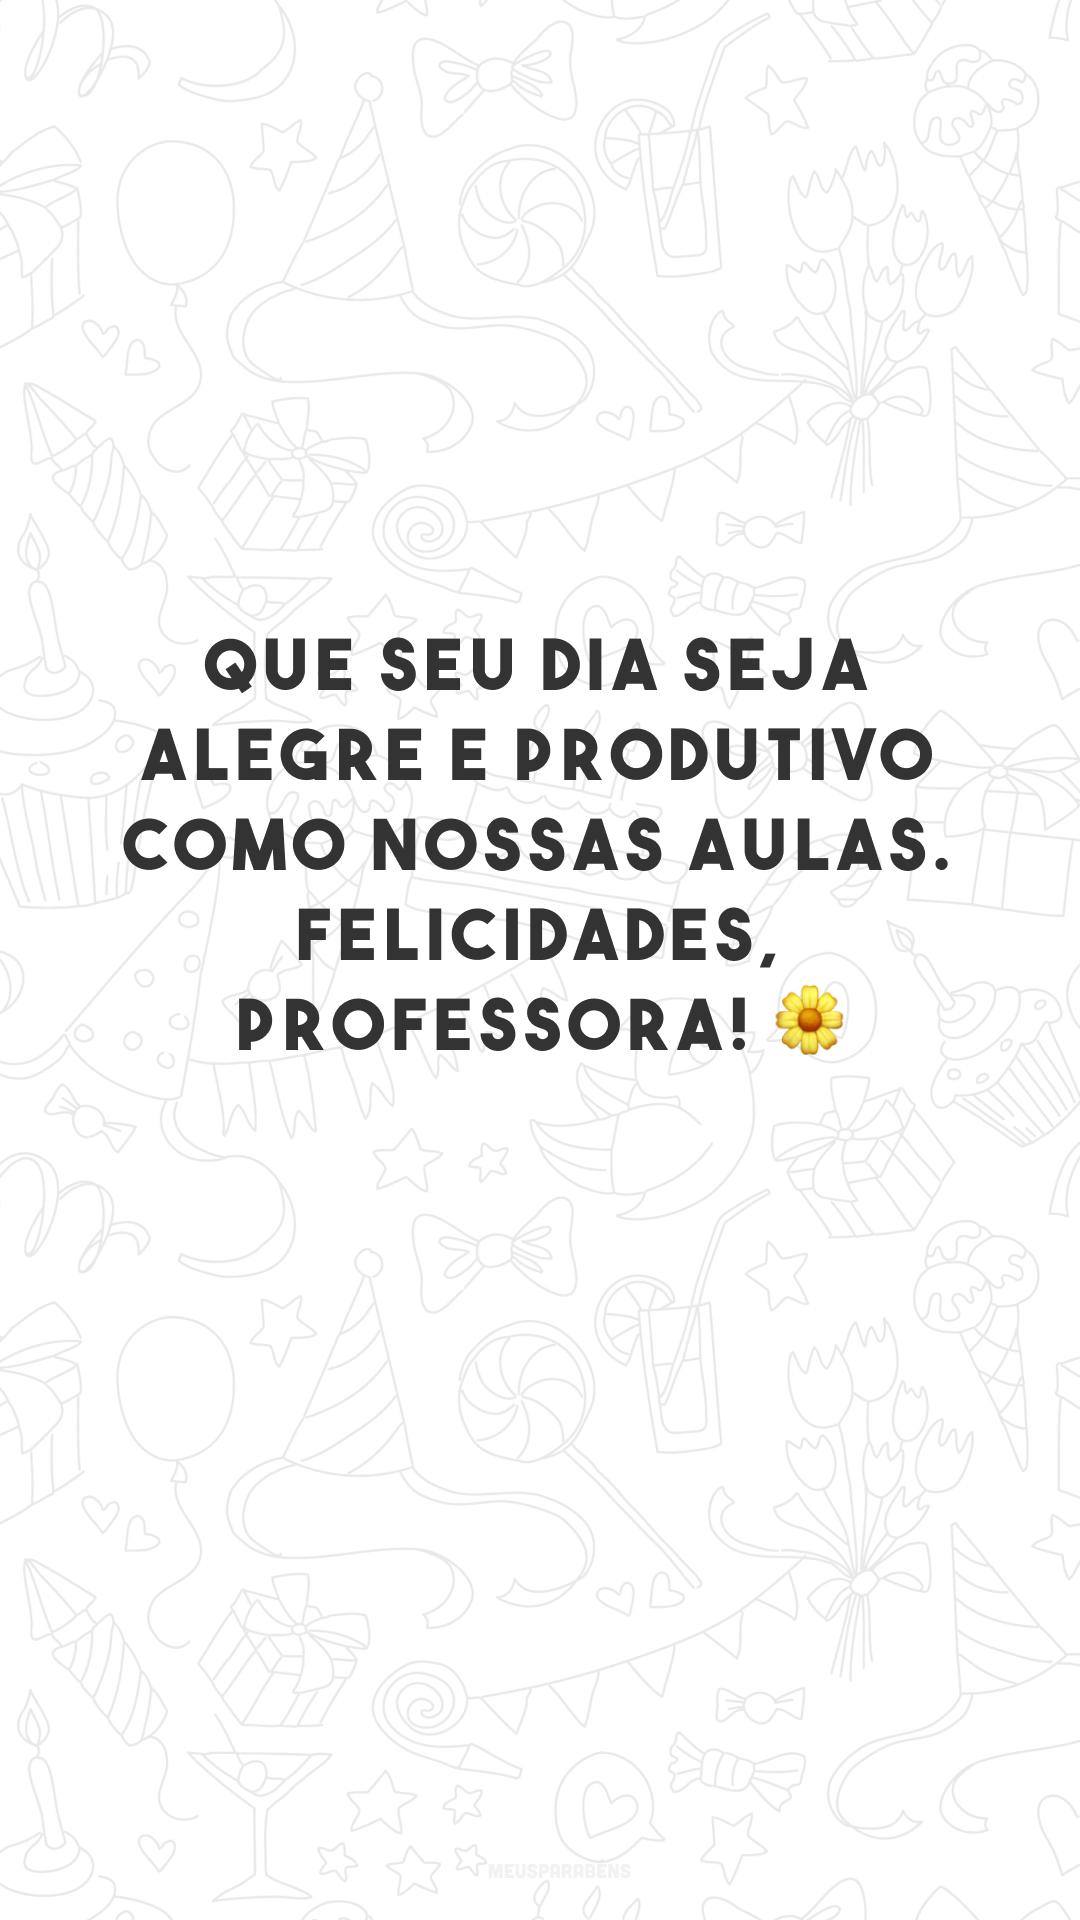 Que seu dia seja alegre e produtivo como nossas aulas. Felicidades, professora! 🌼